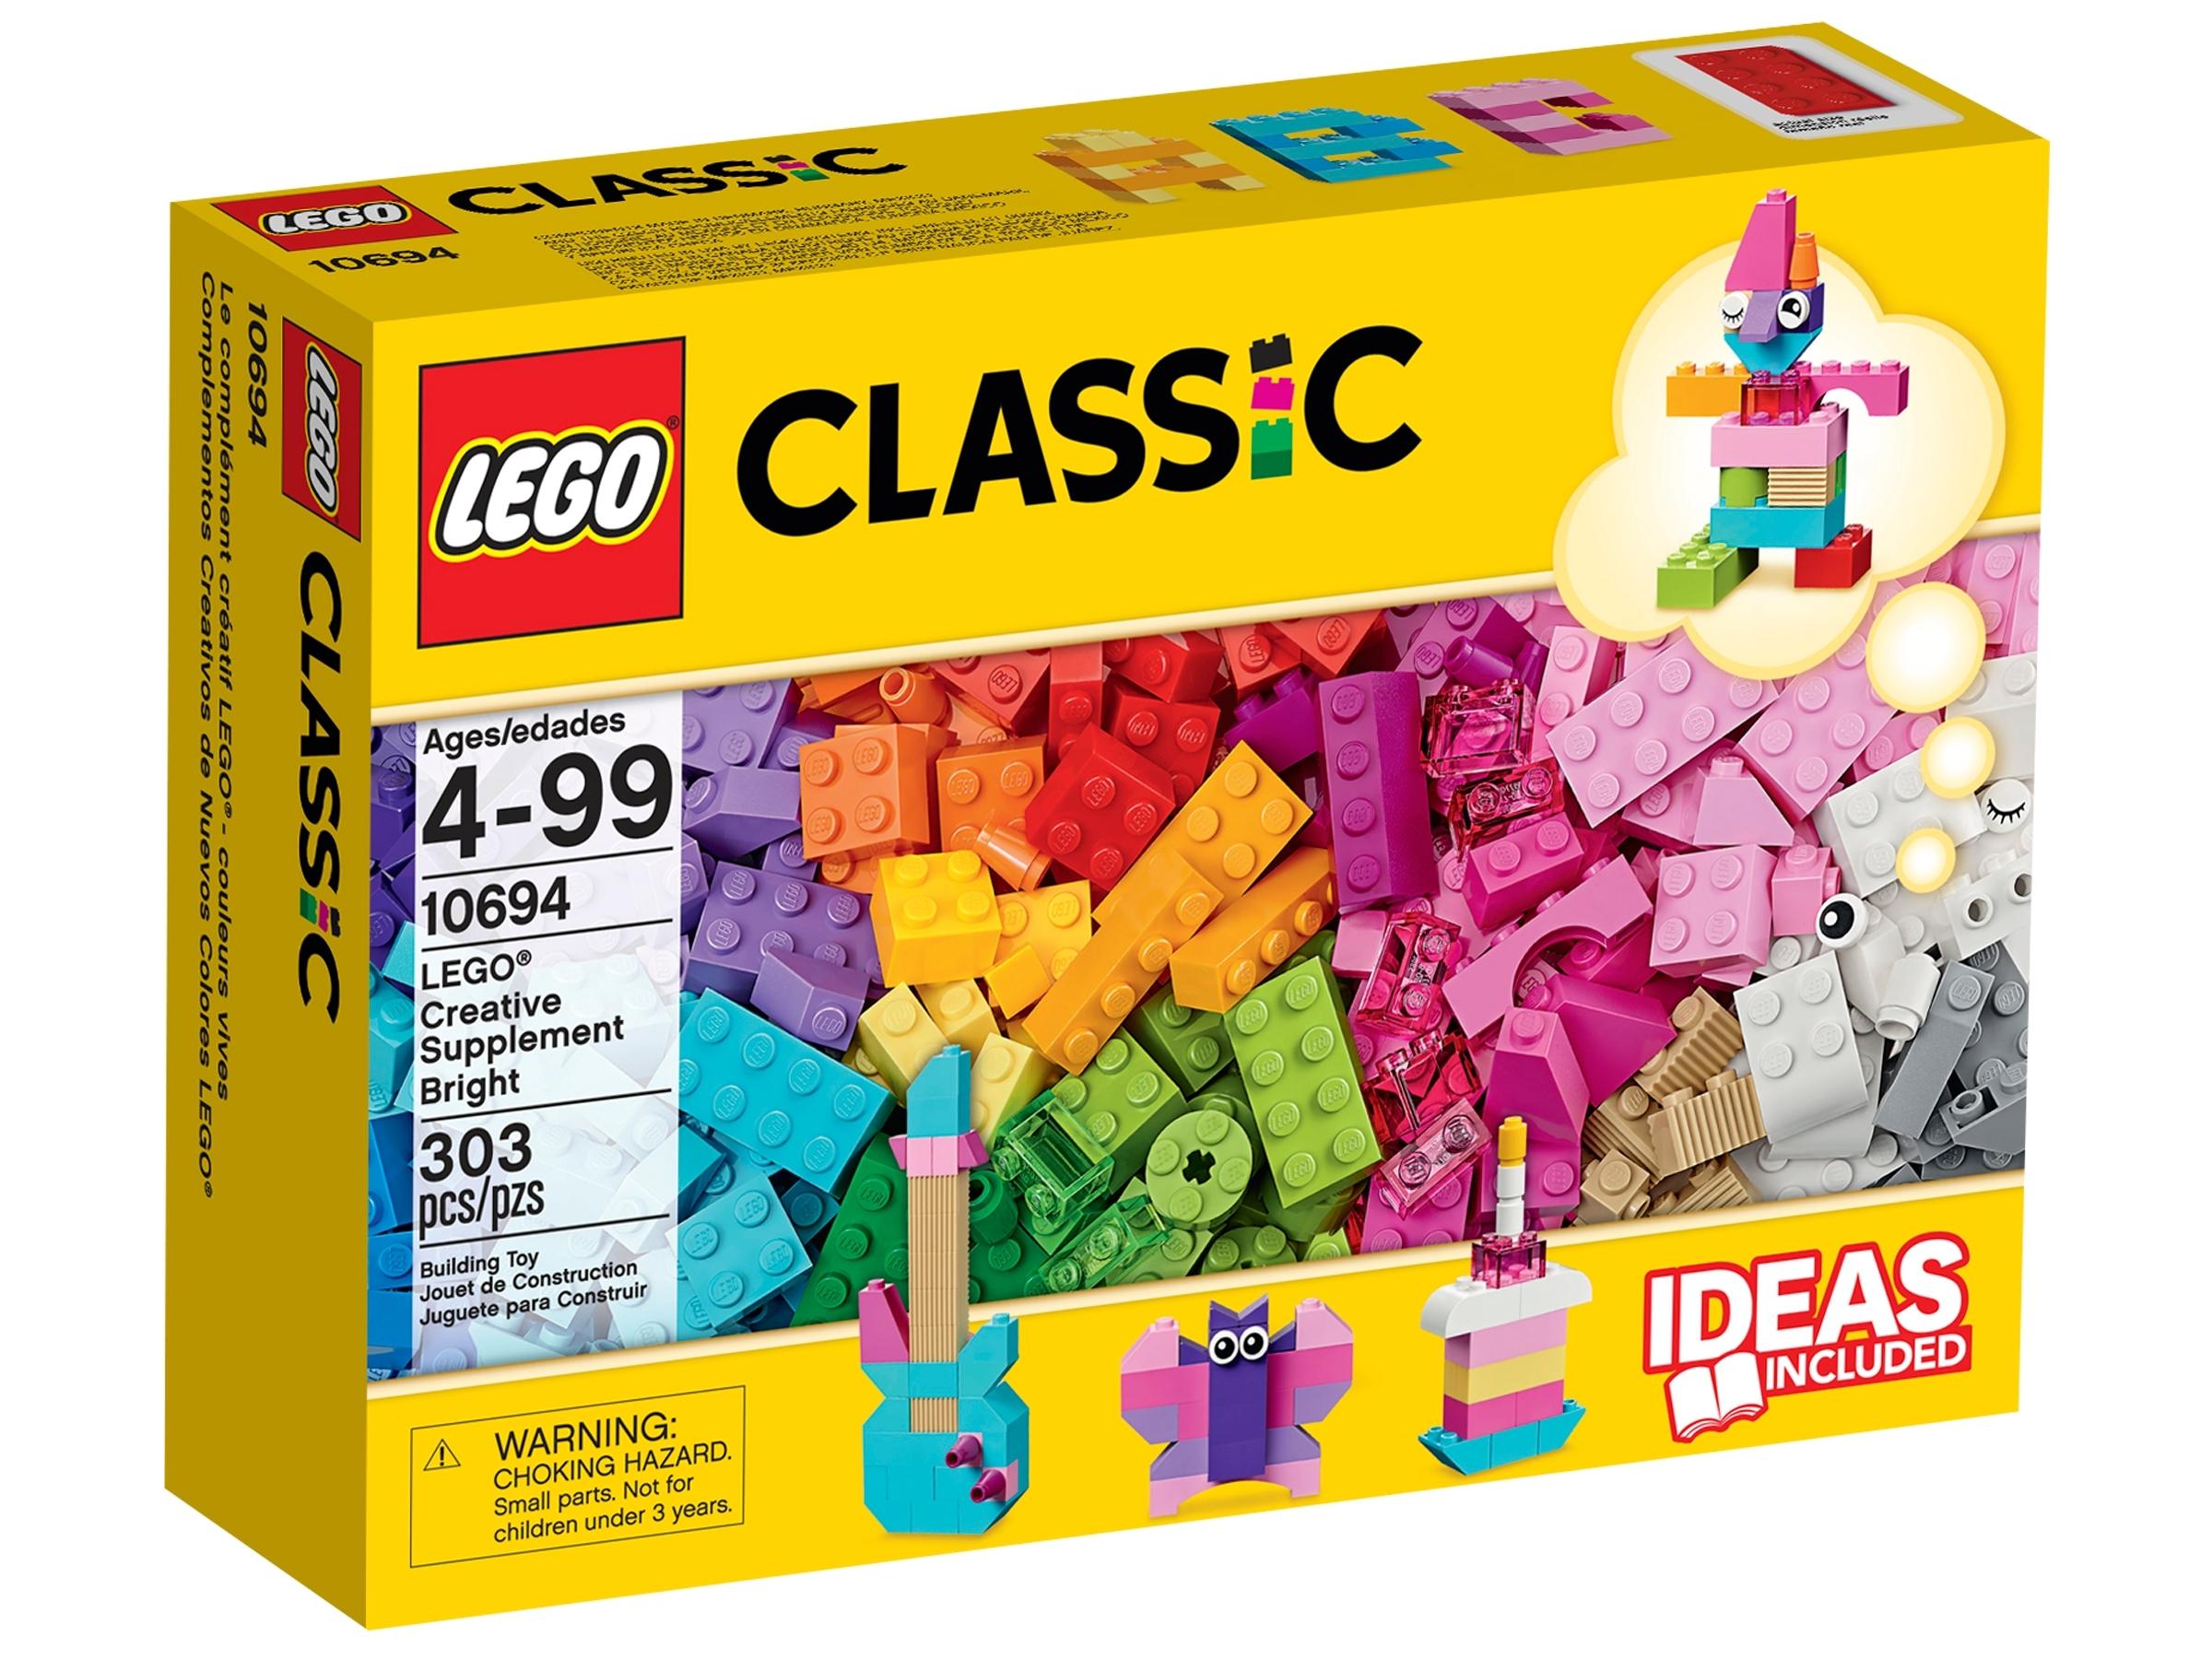 lego creatieve felgekleurde aanvulset 10694